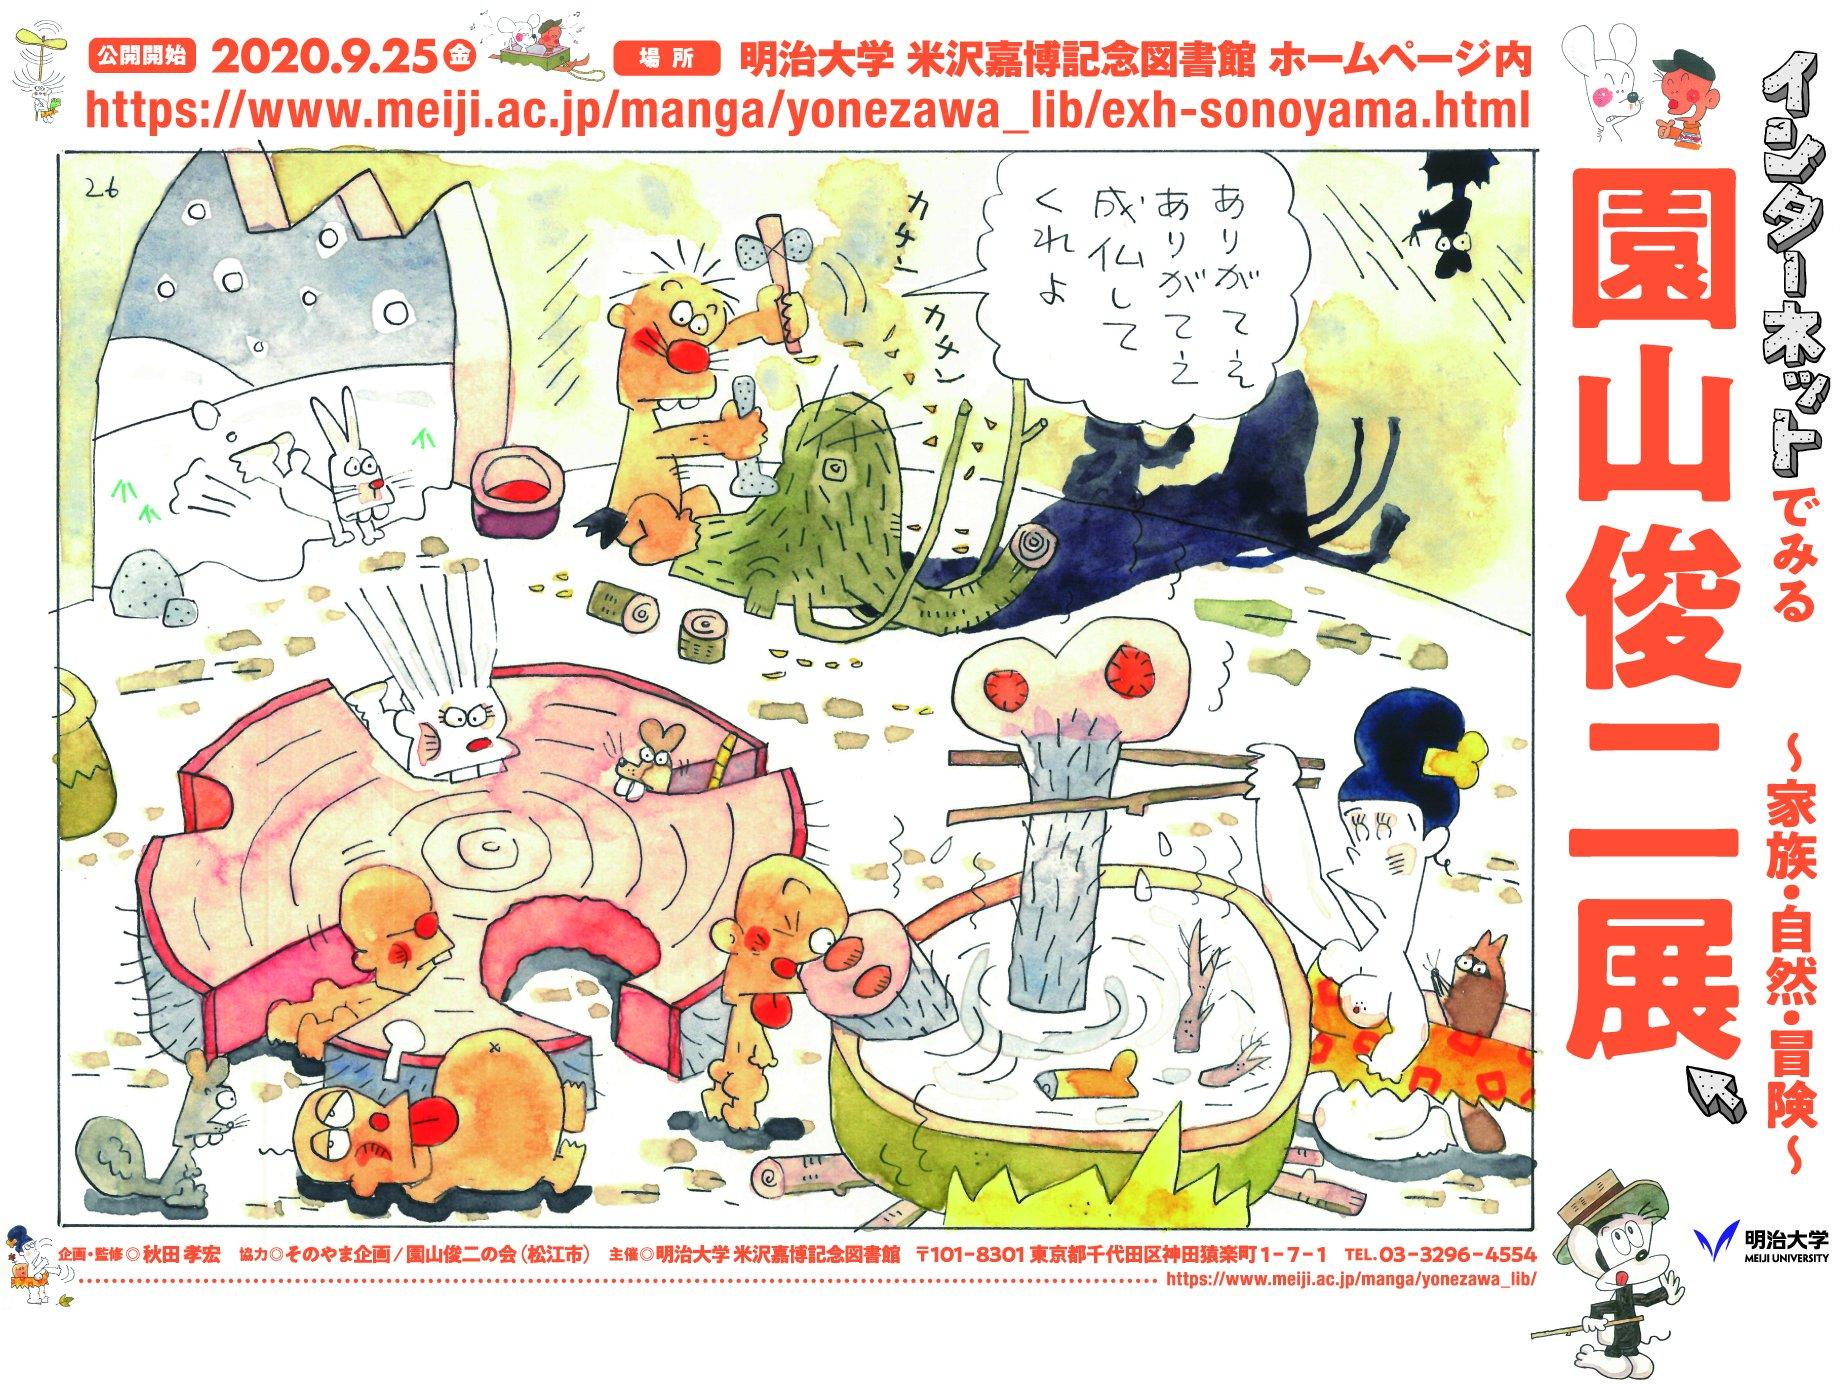 【オンライン】「インターネットでみる 園山俊二展 ~家族・自然・冒険~」:2020年9月25日(金)〜